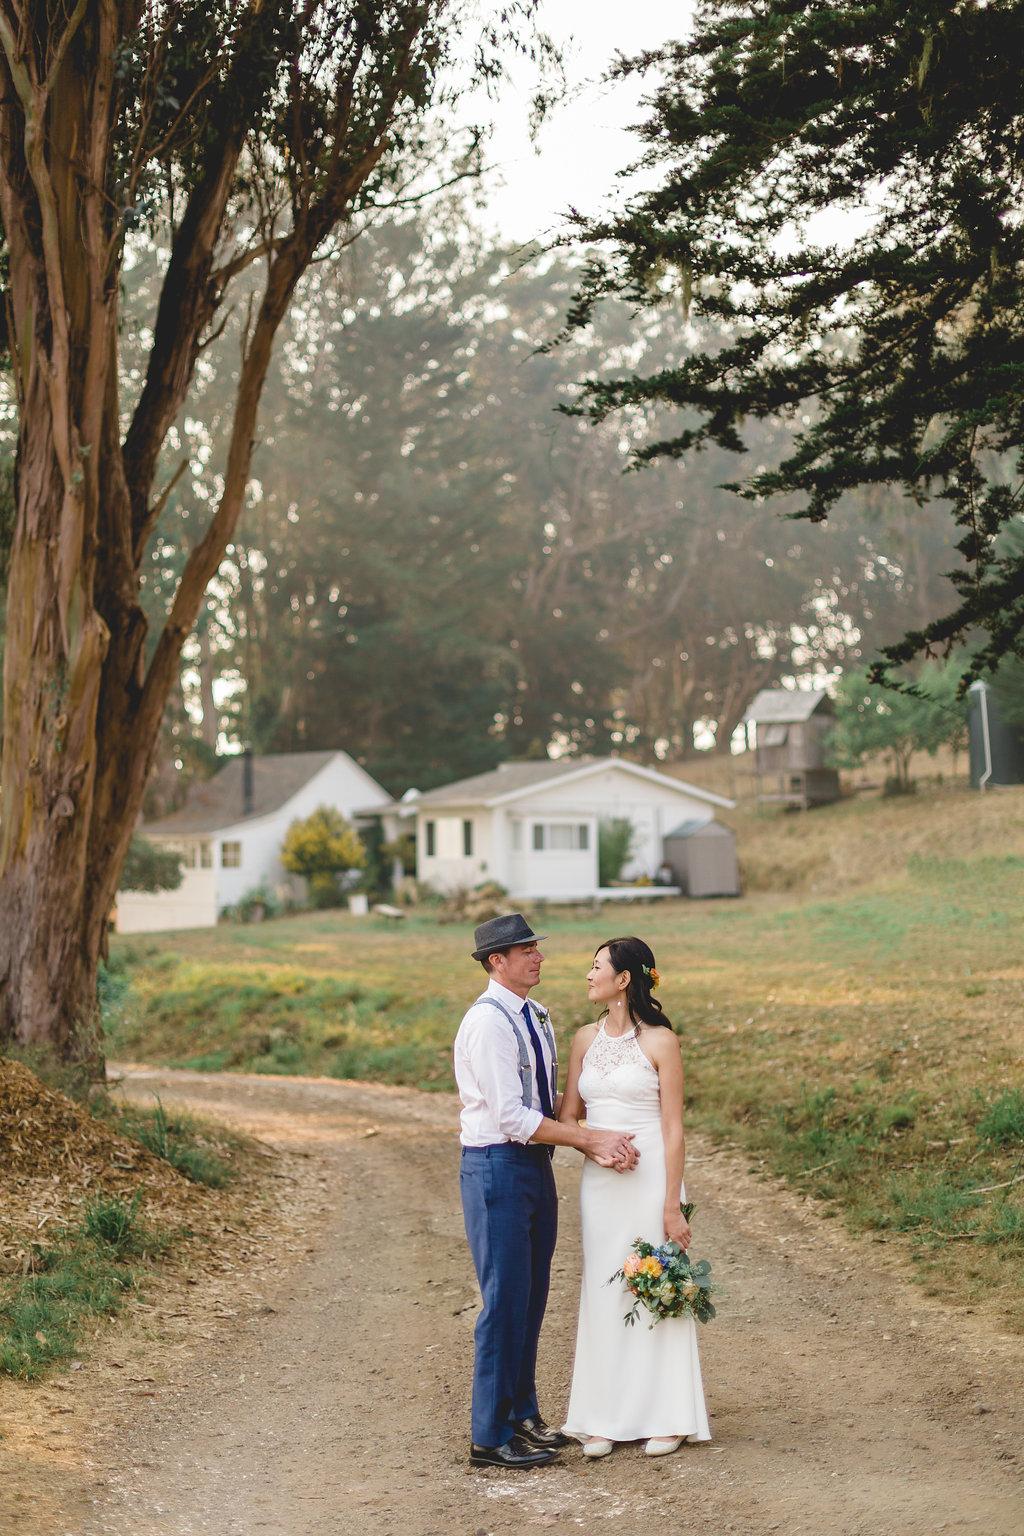 ian_irene-wedding-couple-41.jpg